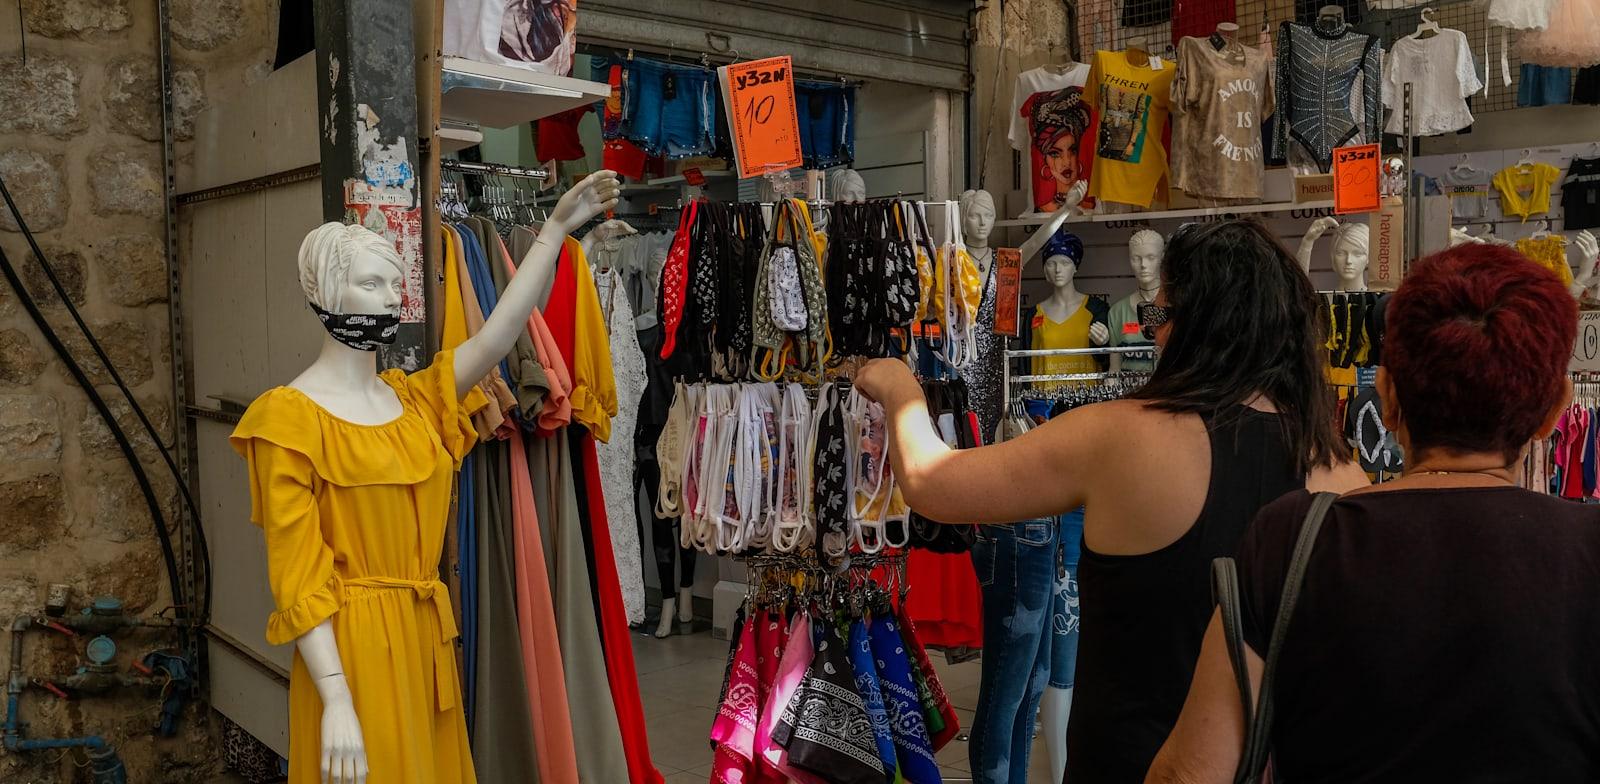 קניות בשוק רמלה / צילום: שלומי יוסף